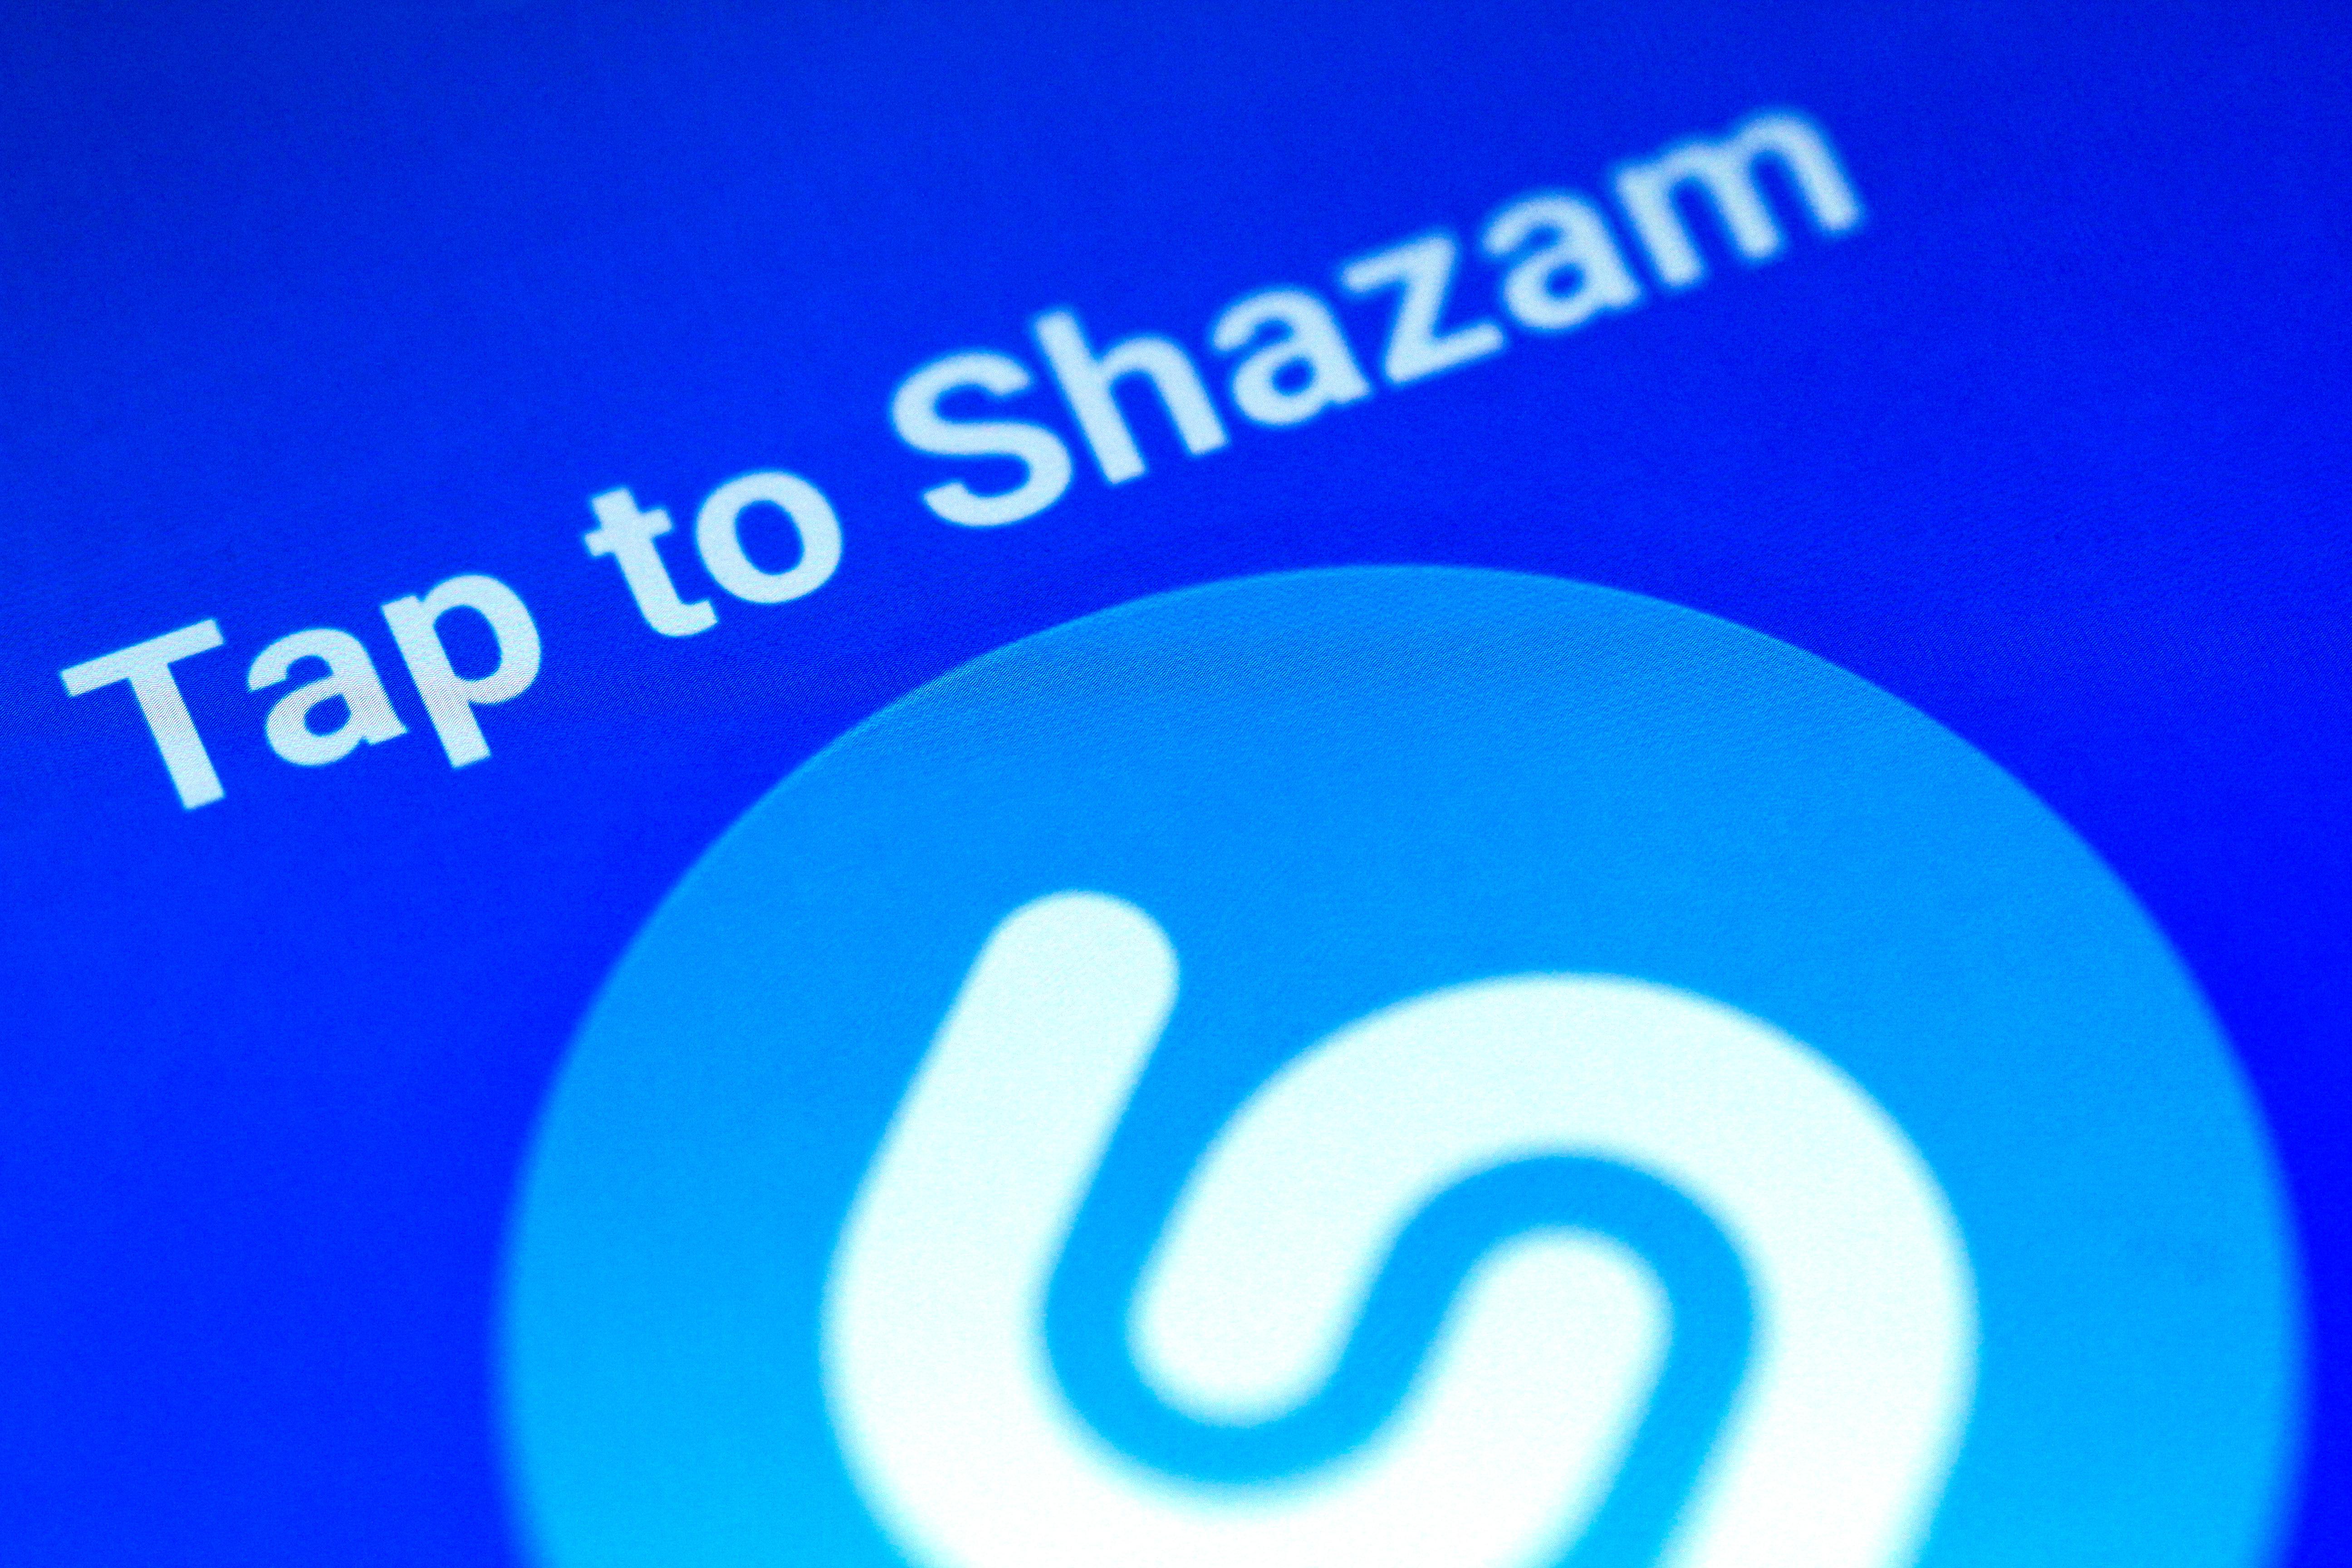 Η ΕΕ ενέκρινε και επίσημα την εξαγορά του Shazam από την